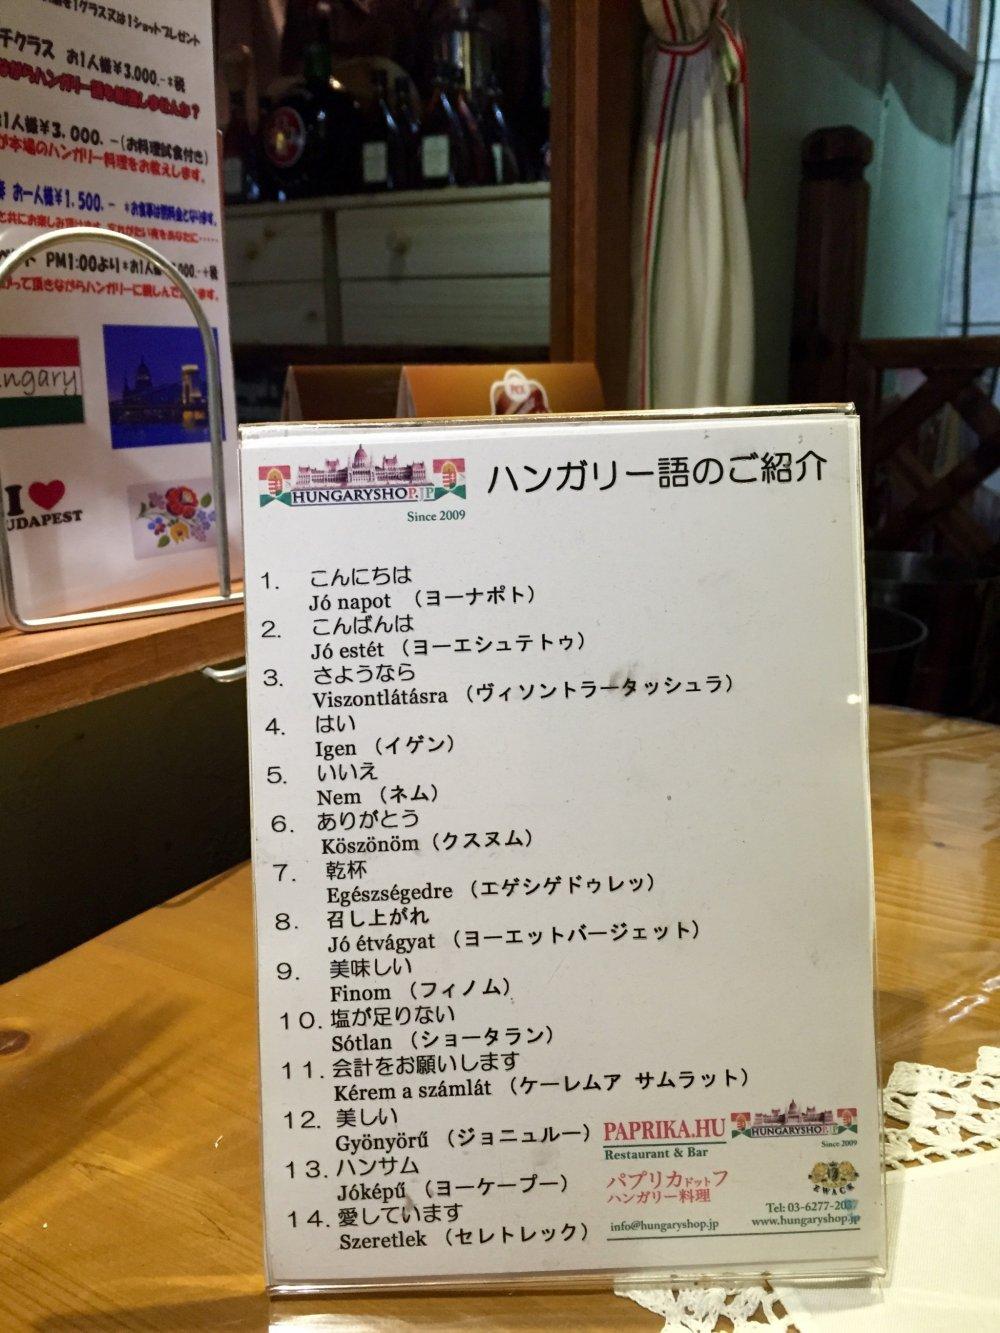 Ожидая меню или свой заказ, можно выучить пару слов по-венгерски